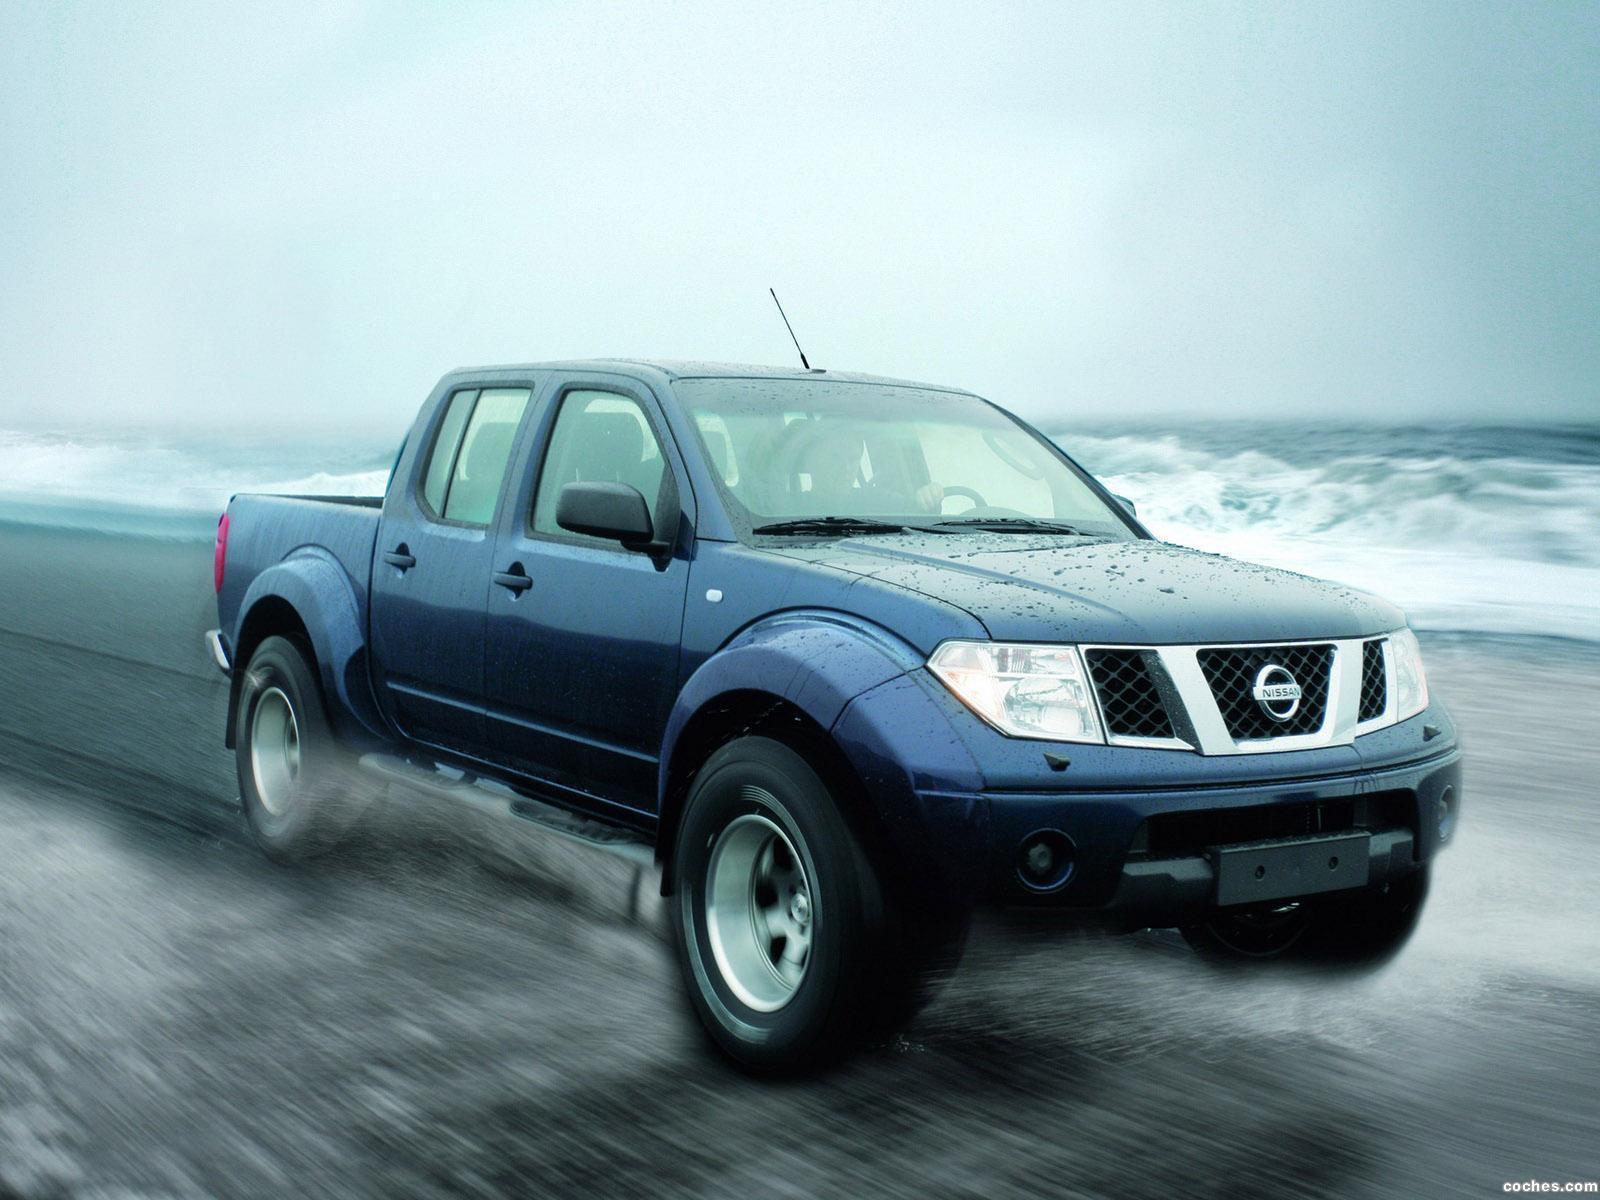 Foto 0 de Arctic Trucks Nissan Navara Double Cab AT35 D40 2005